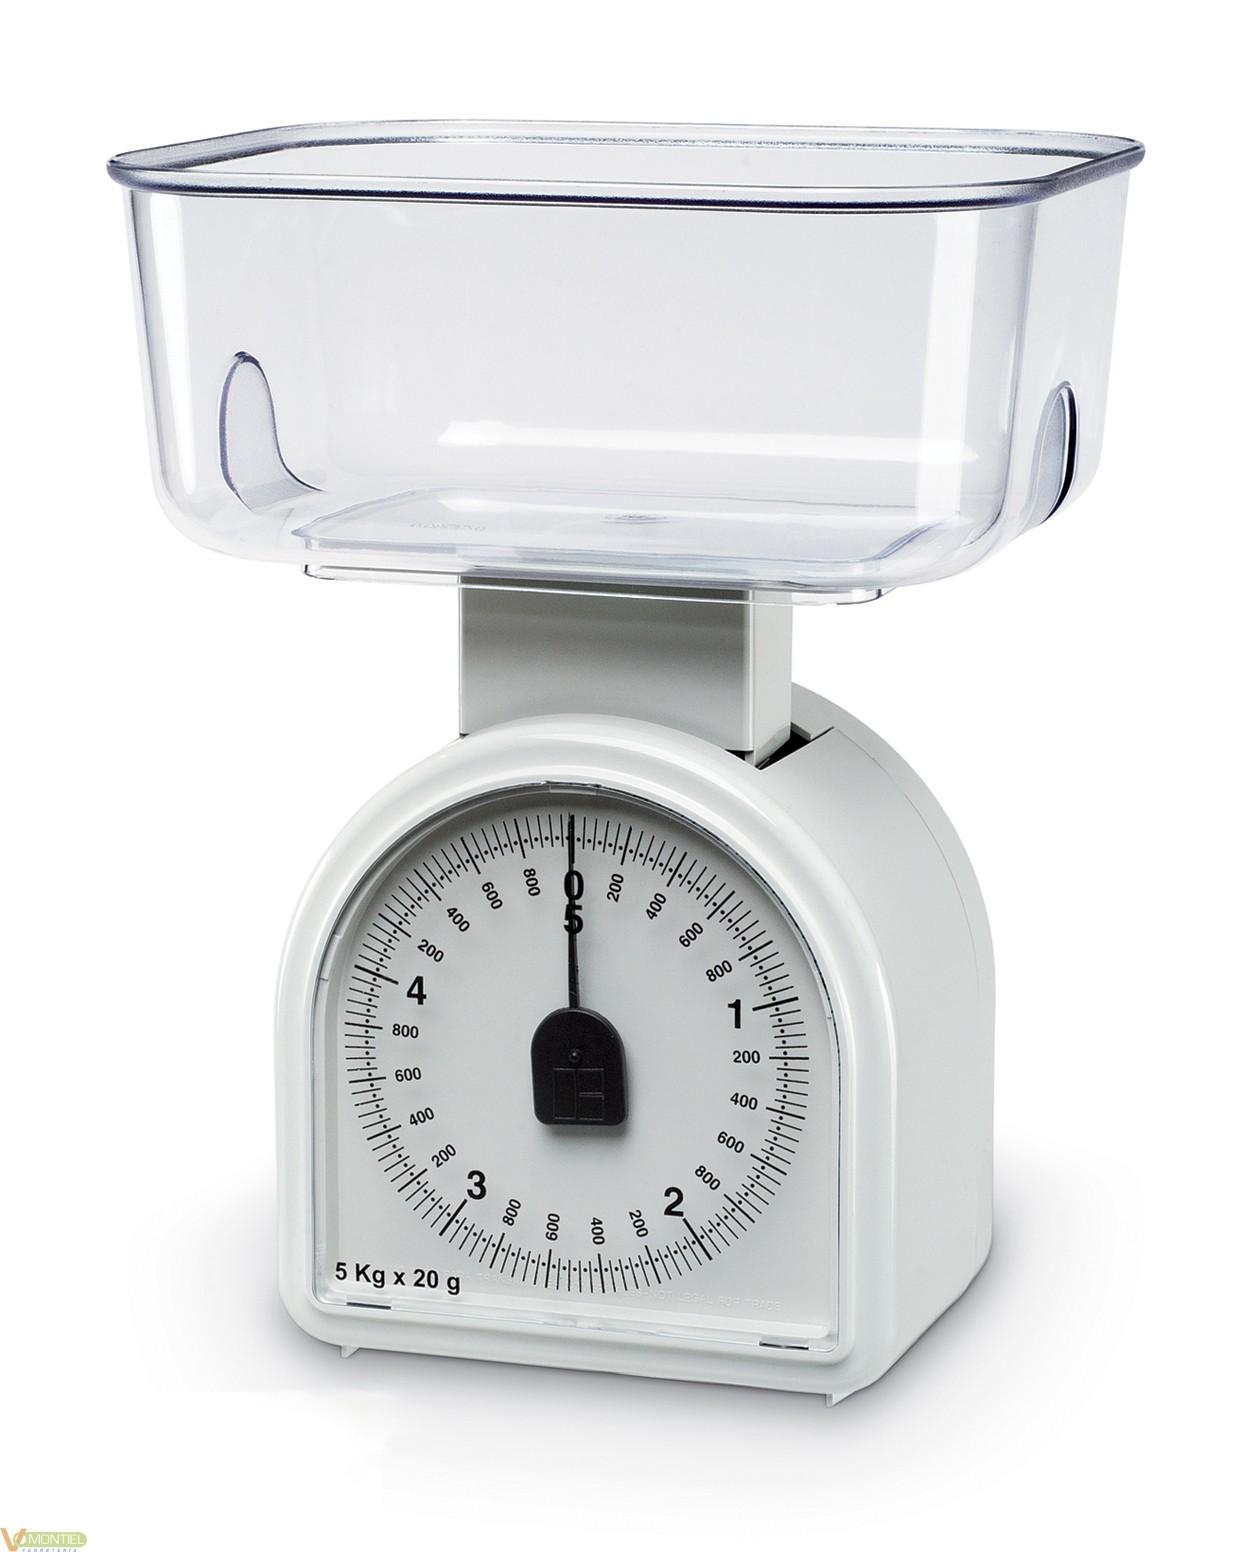 Balanza cocina omega 5kg0/3580-0